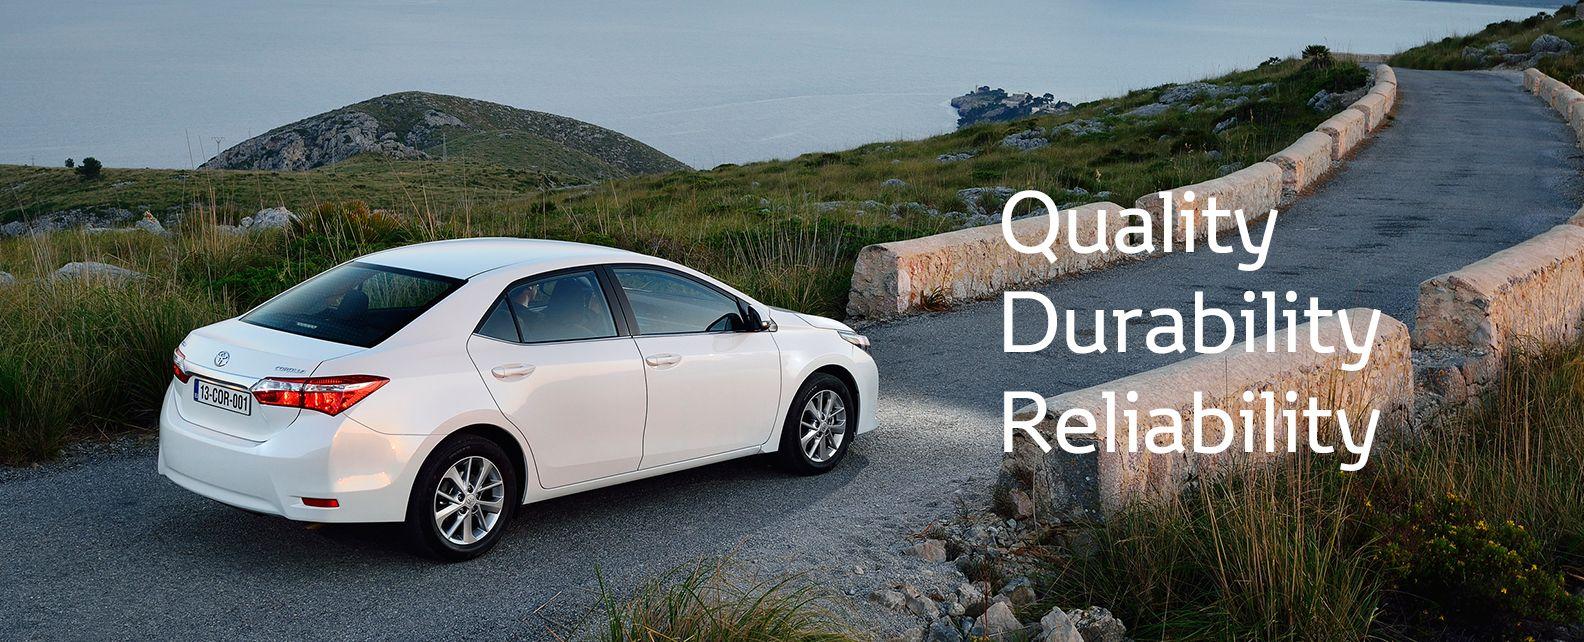 11 Toyota Quality Durability Reliability Ideas Toyota Development Quality